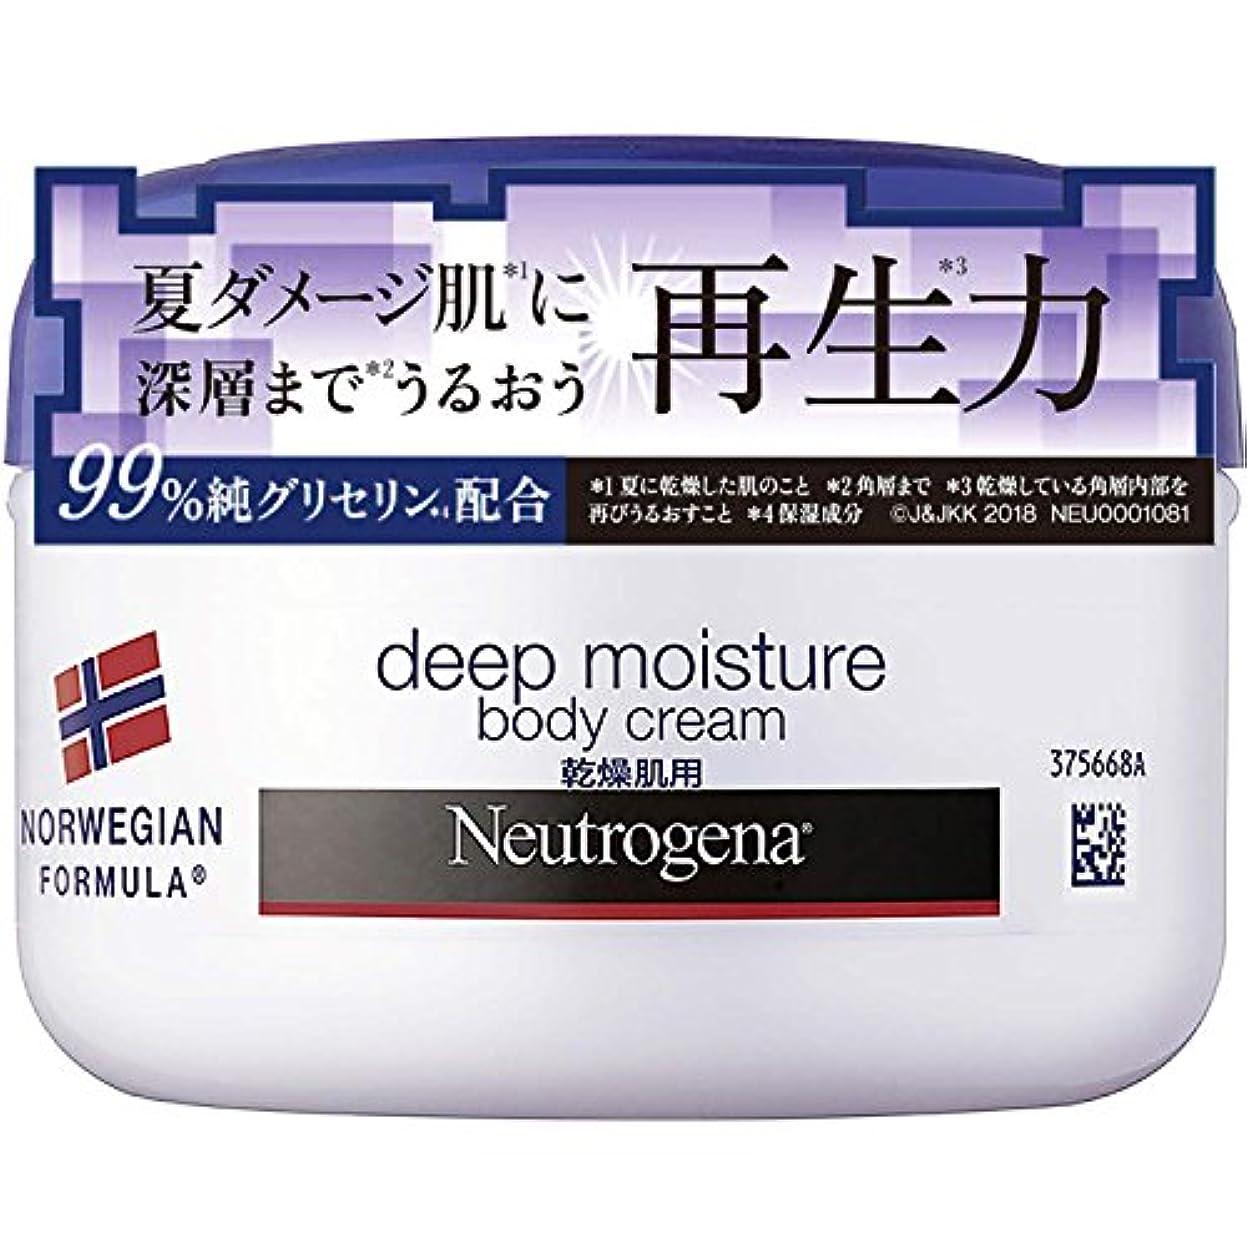 非公式月曜日何Neutrogena(ニュートロジーナ) ノルウェーフォーミュラ ディープモイスチャー ボディクリーム 乾燥肌用 微香性 200ml